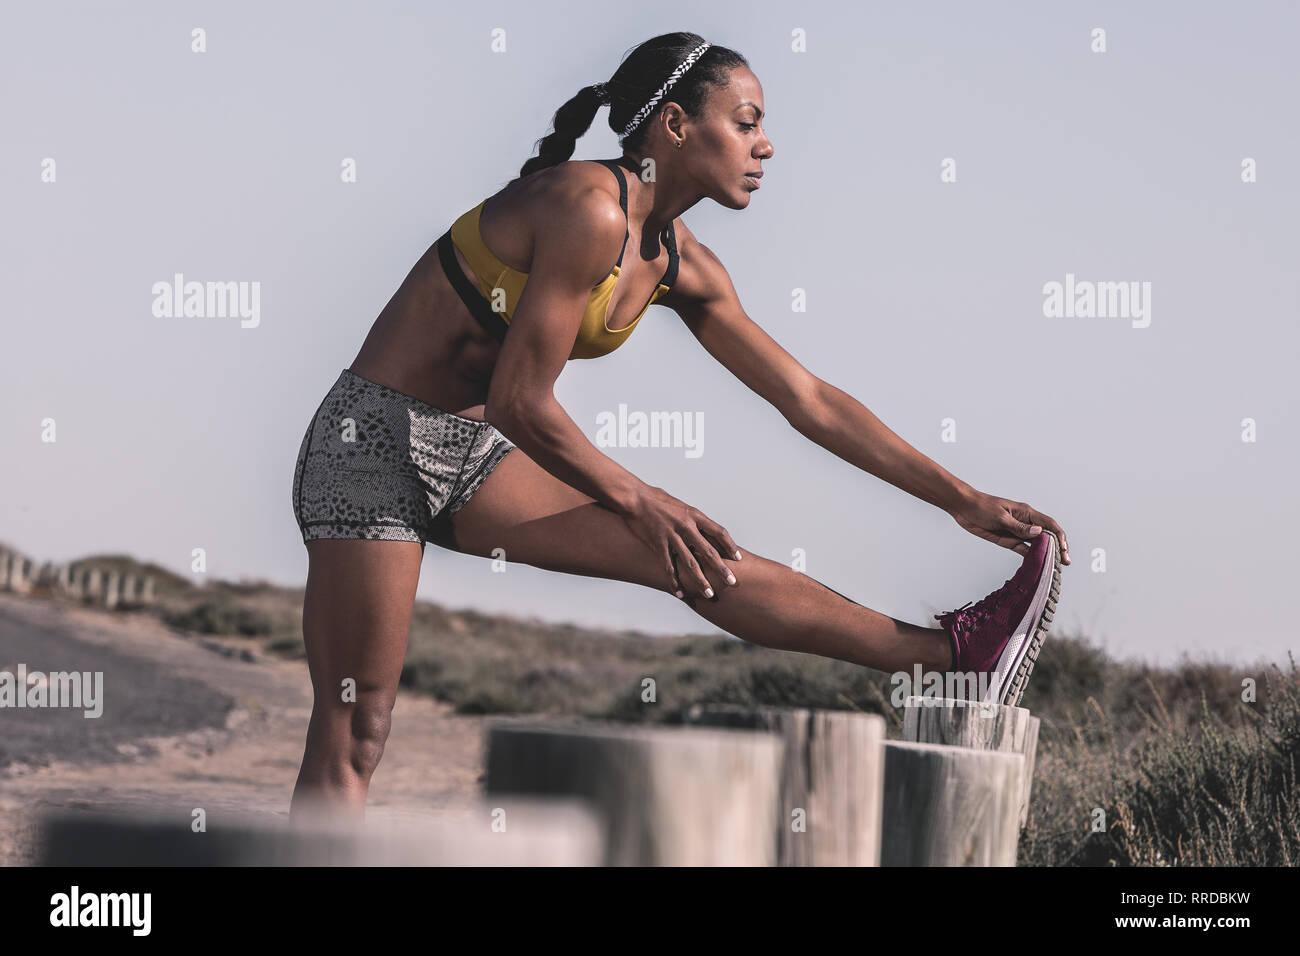 Sportliche schwarze Frau Training am Straßenrand Stockbild